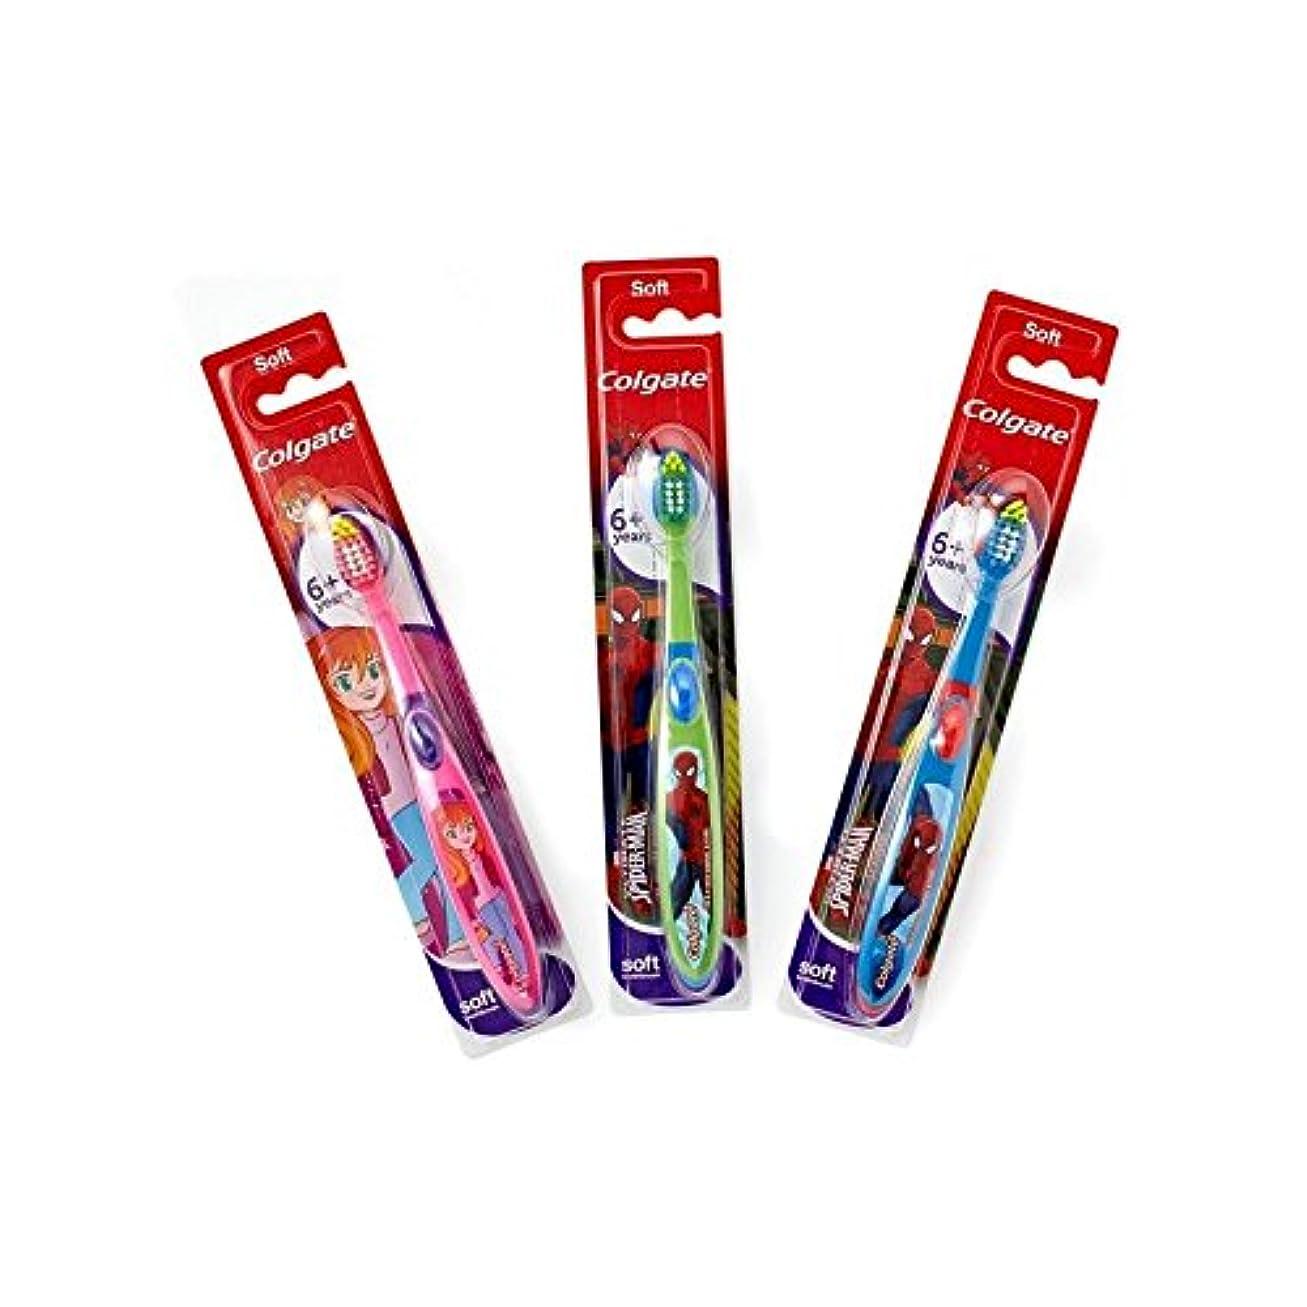 レクリエーション正当なアマチュア6+年の歯ブラシを笑顔 (Colgate) (x 4) - Colgate Smiles 6+ Years Toothbrush (Pack of 4) [並行輸入品]